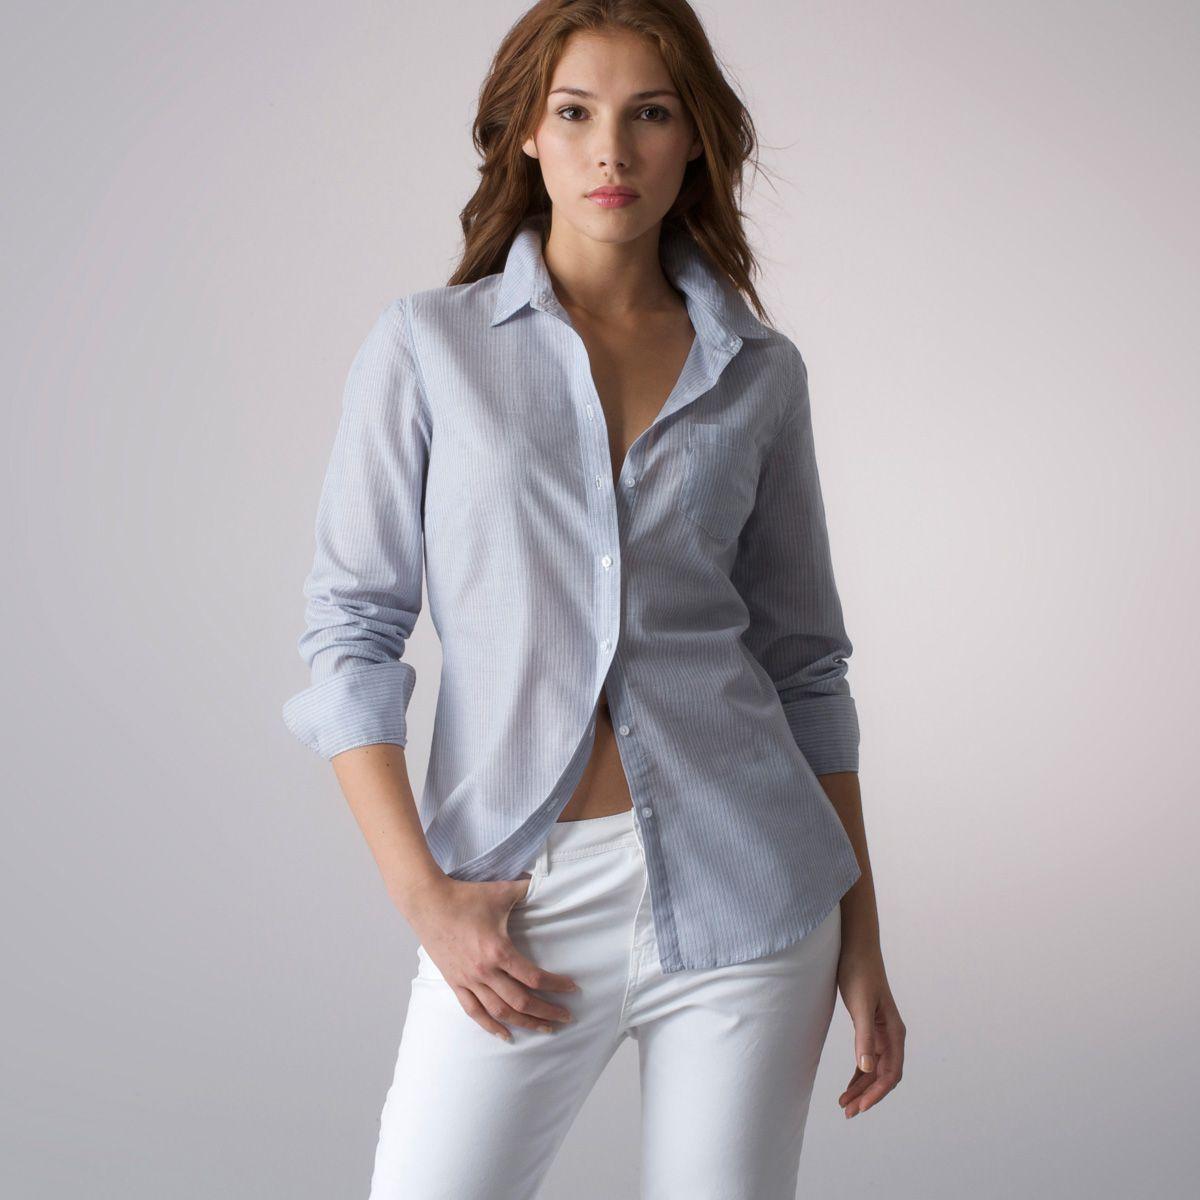 Orden al coser la camisa